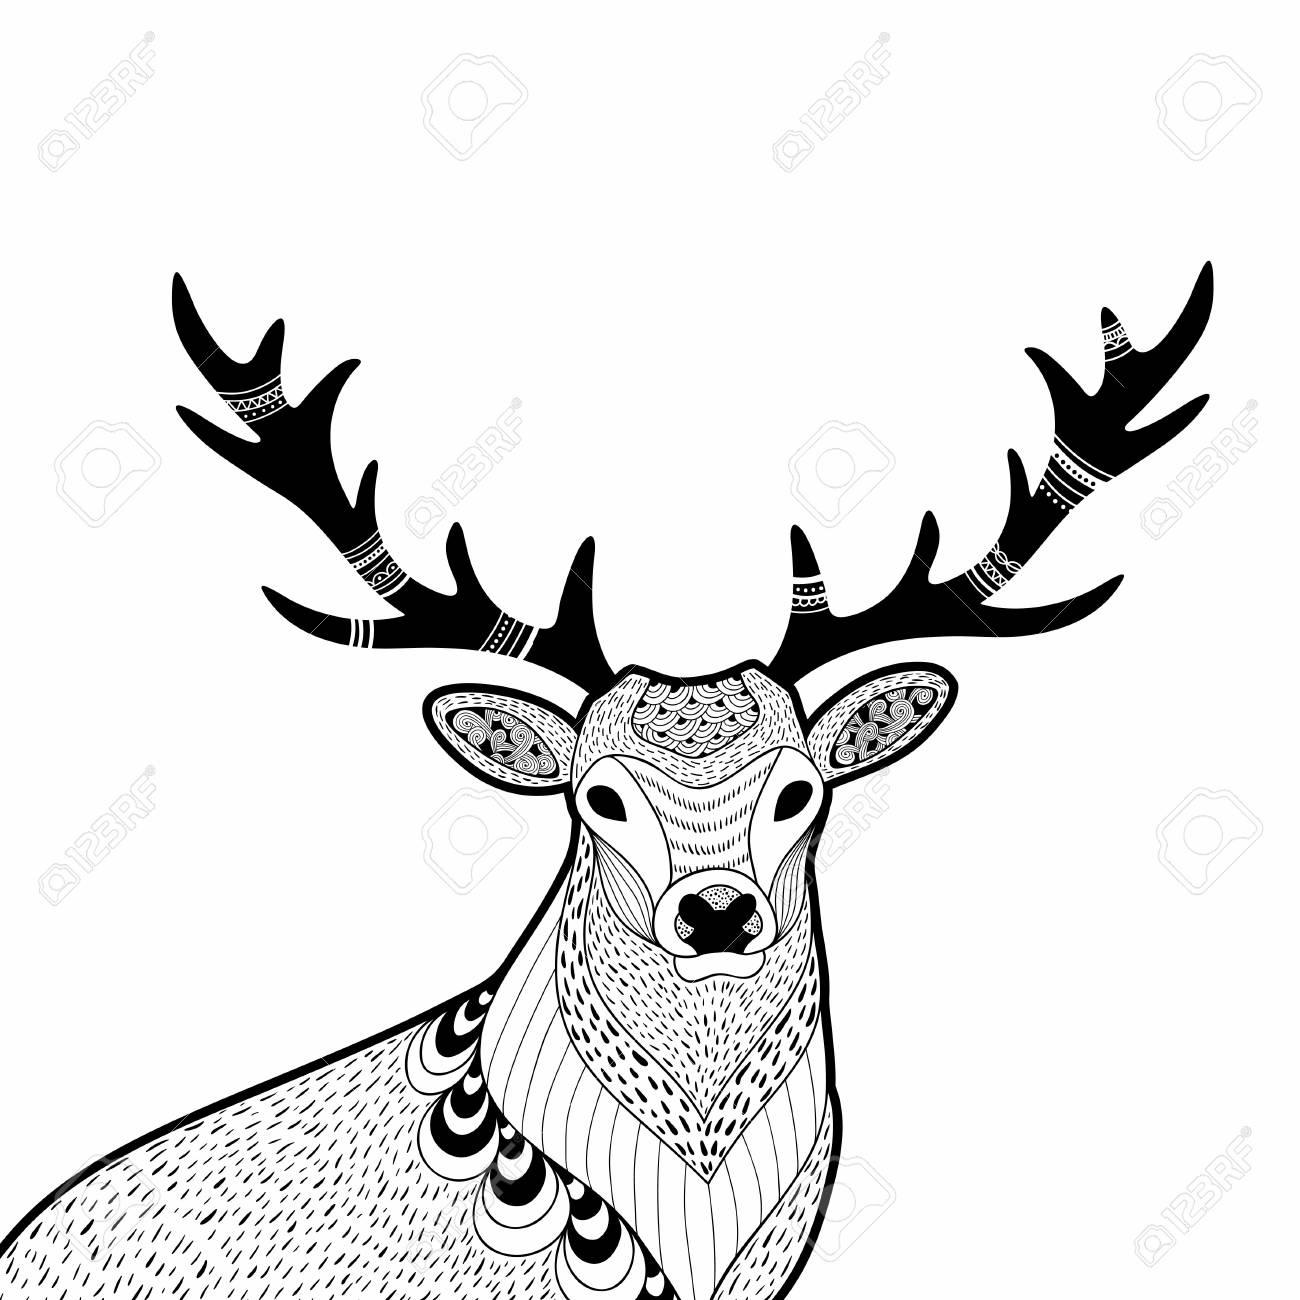 Ilustración Creativa Del Doodle De Ciervos Salvajes, Dibujado A Mano ...